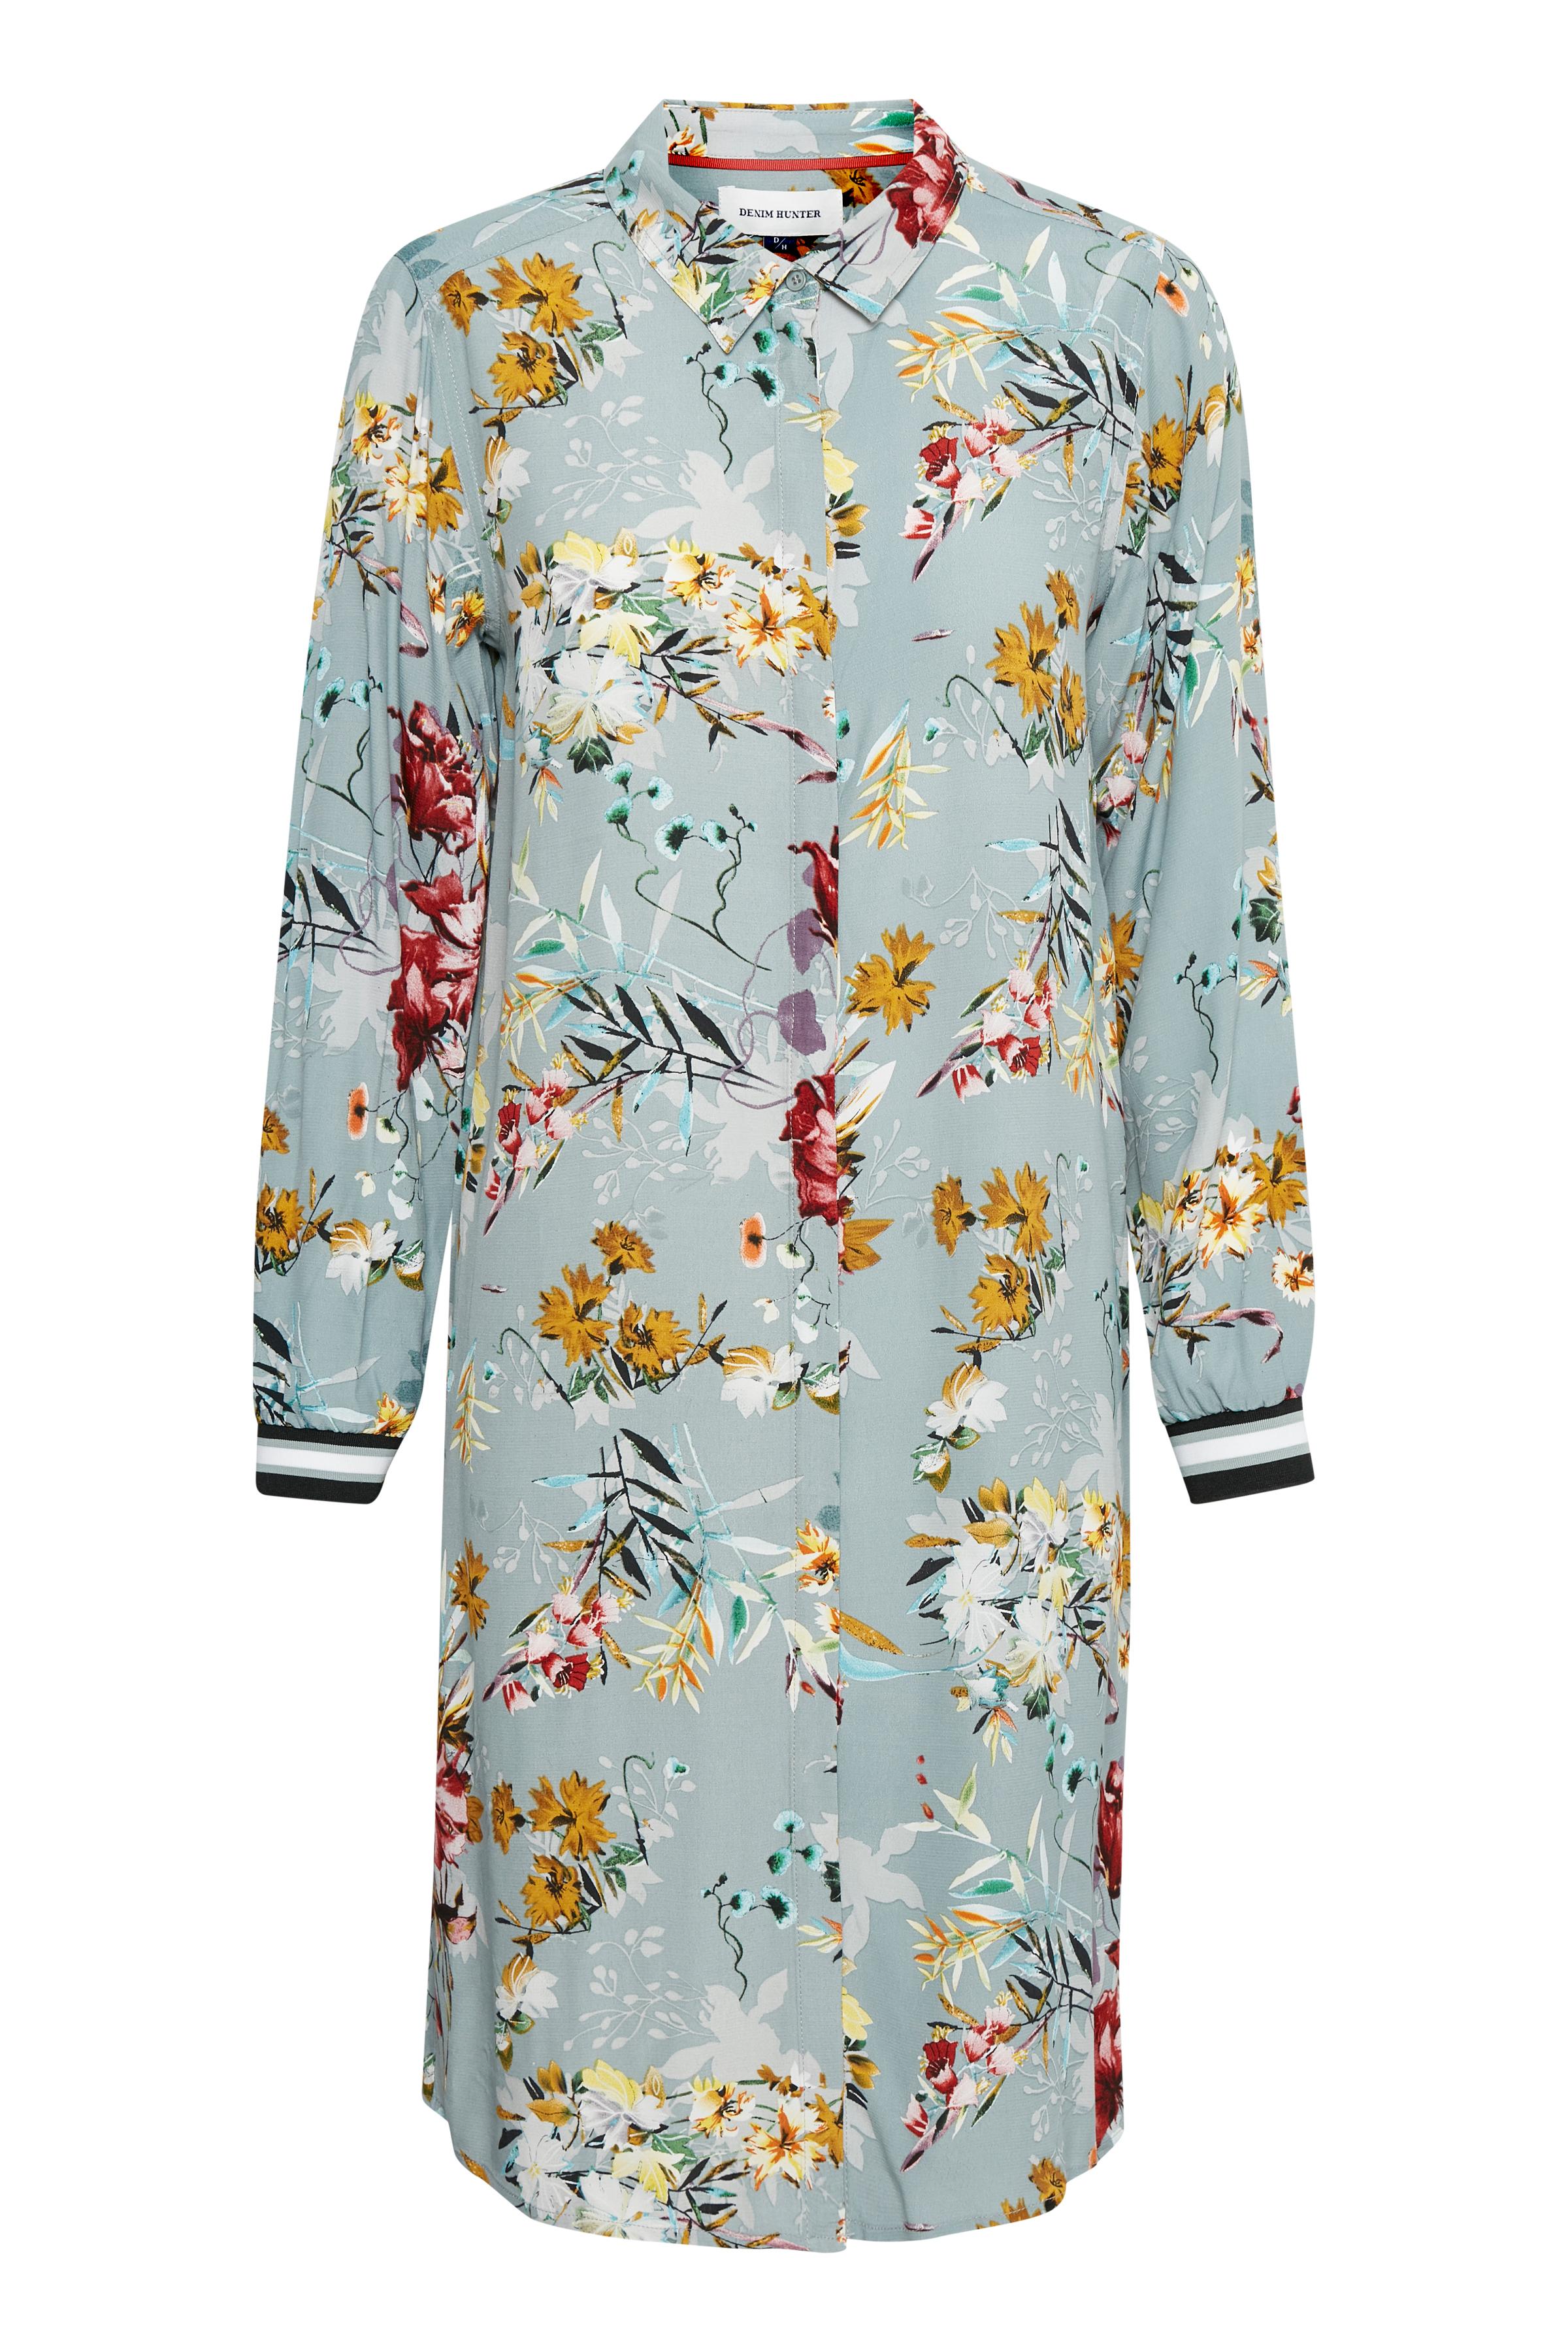 Støvet grøn/karry Langærmet skjorte fra Denim Hunter – Køb Støvet grøn/karry Langærmet skjorte fra str. 34-46 her